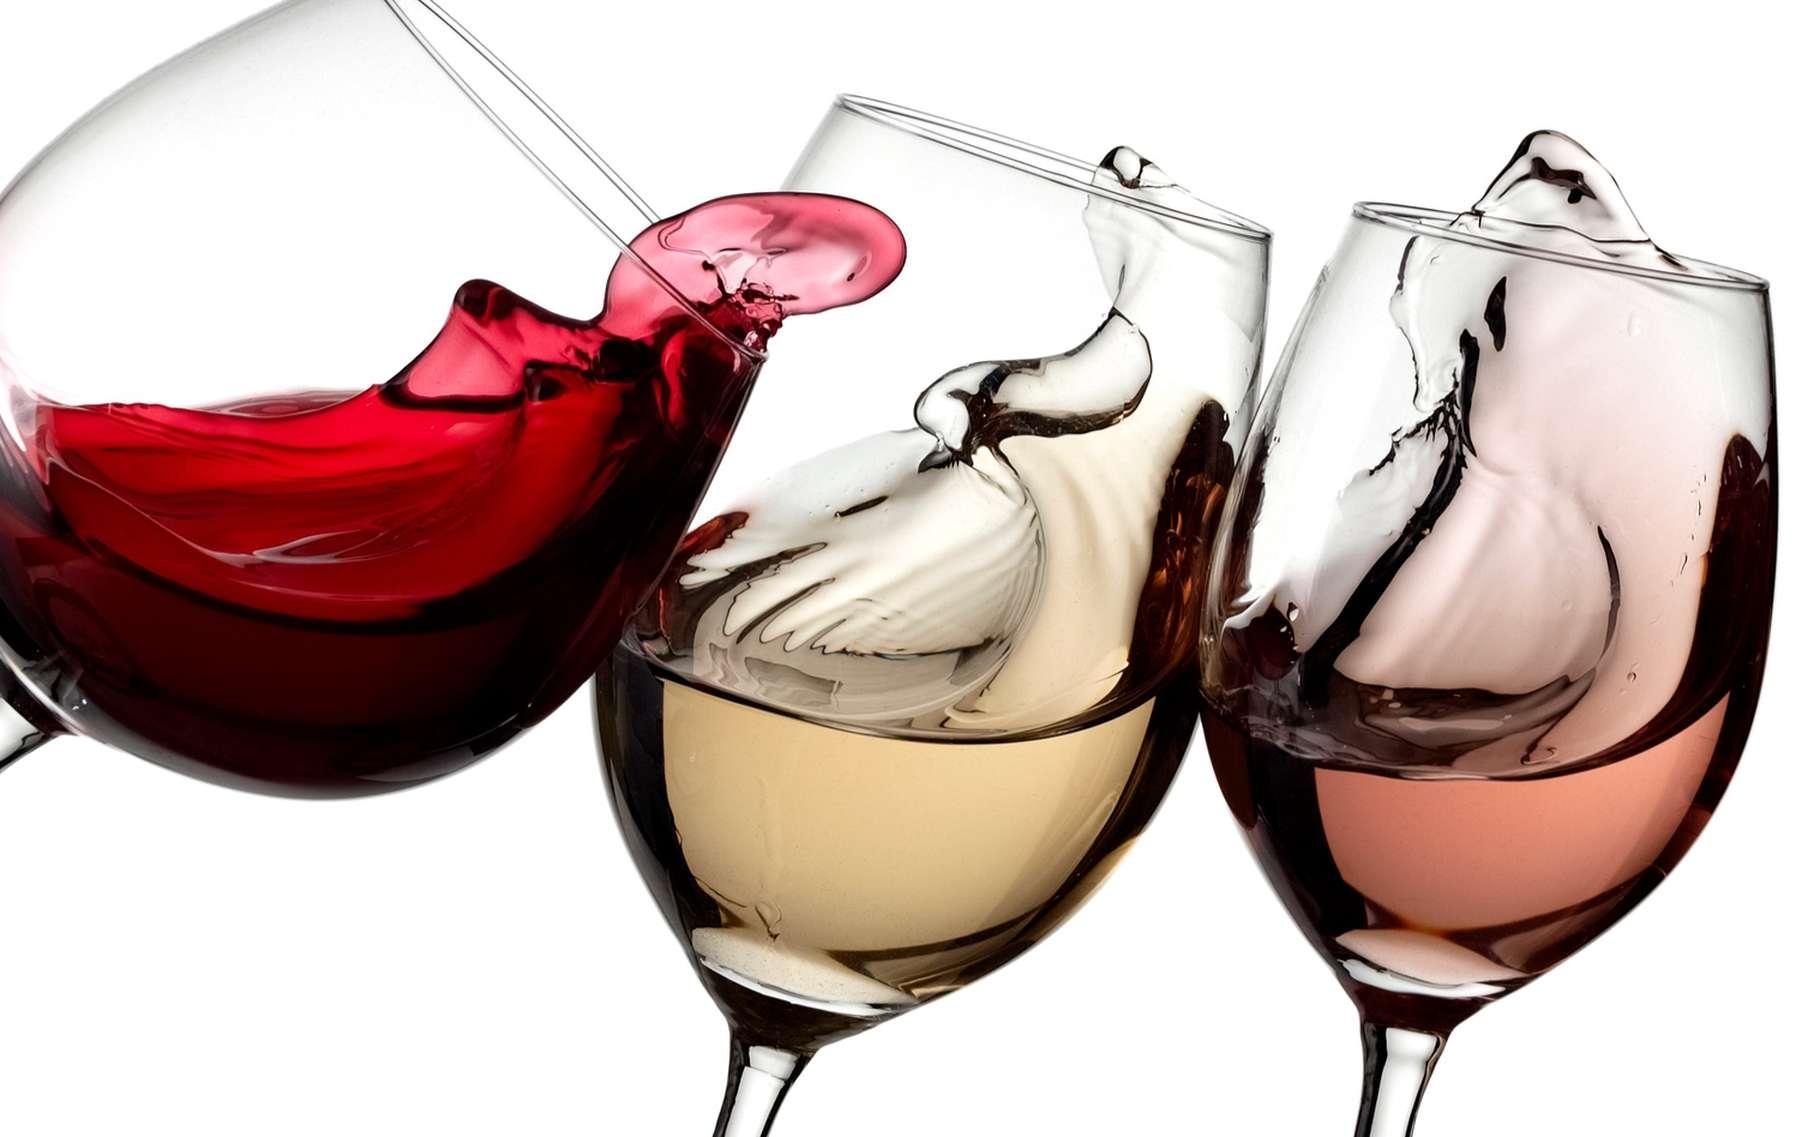 Le Beaujolais nouveau : je vous parle d'un vin primeur bien connu